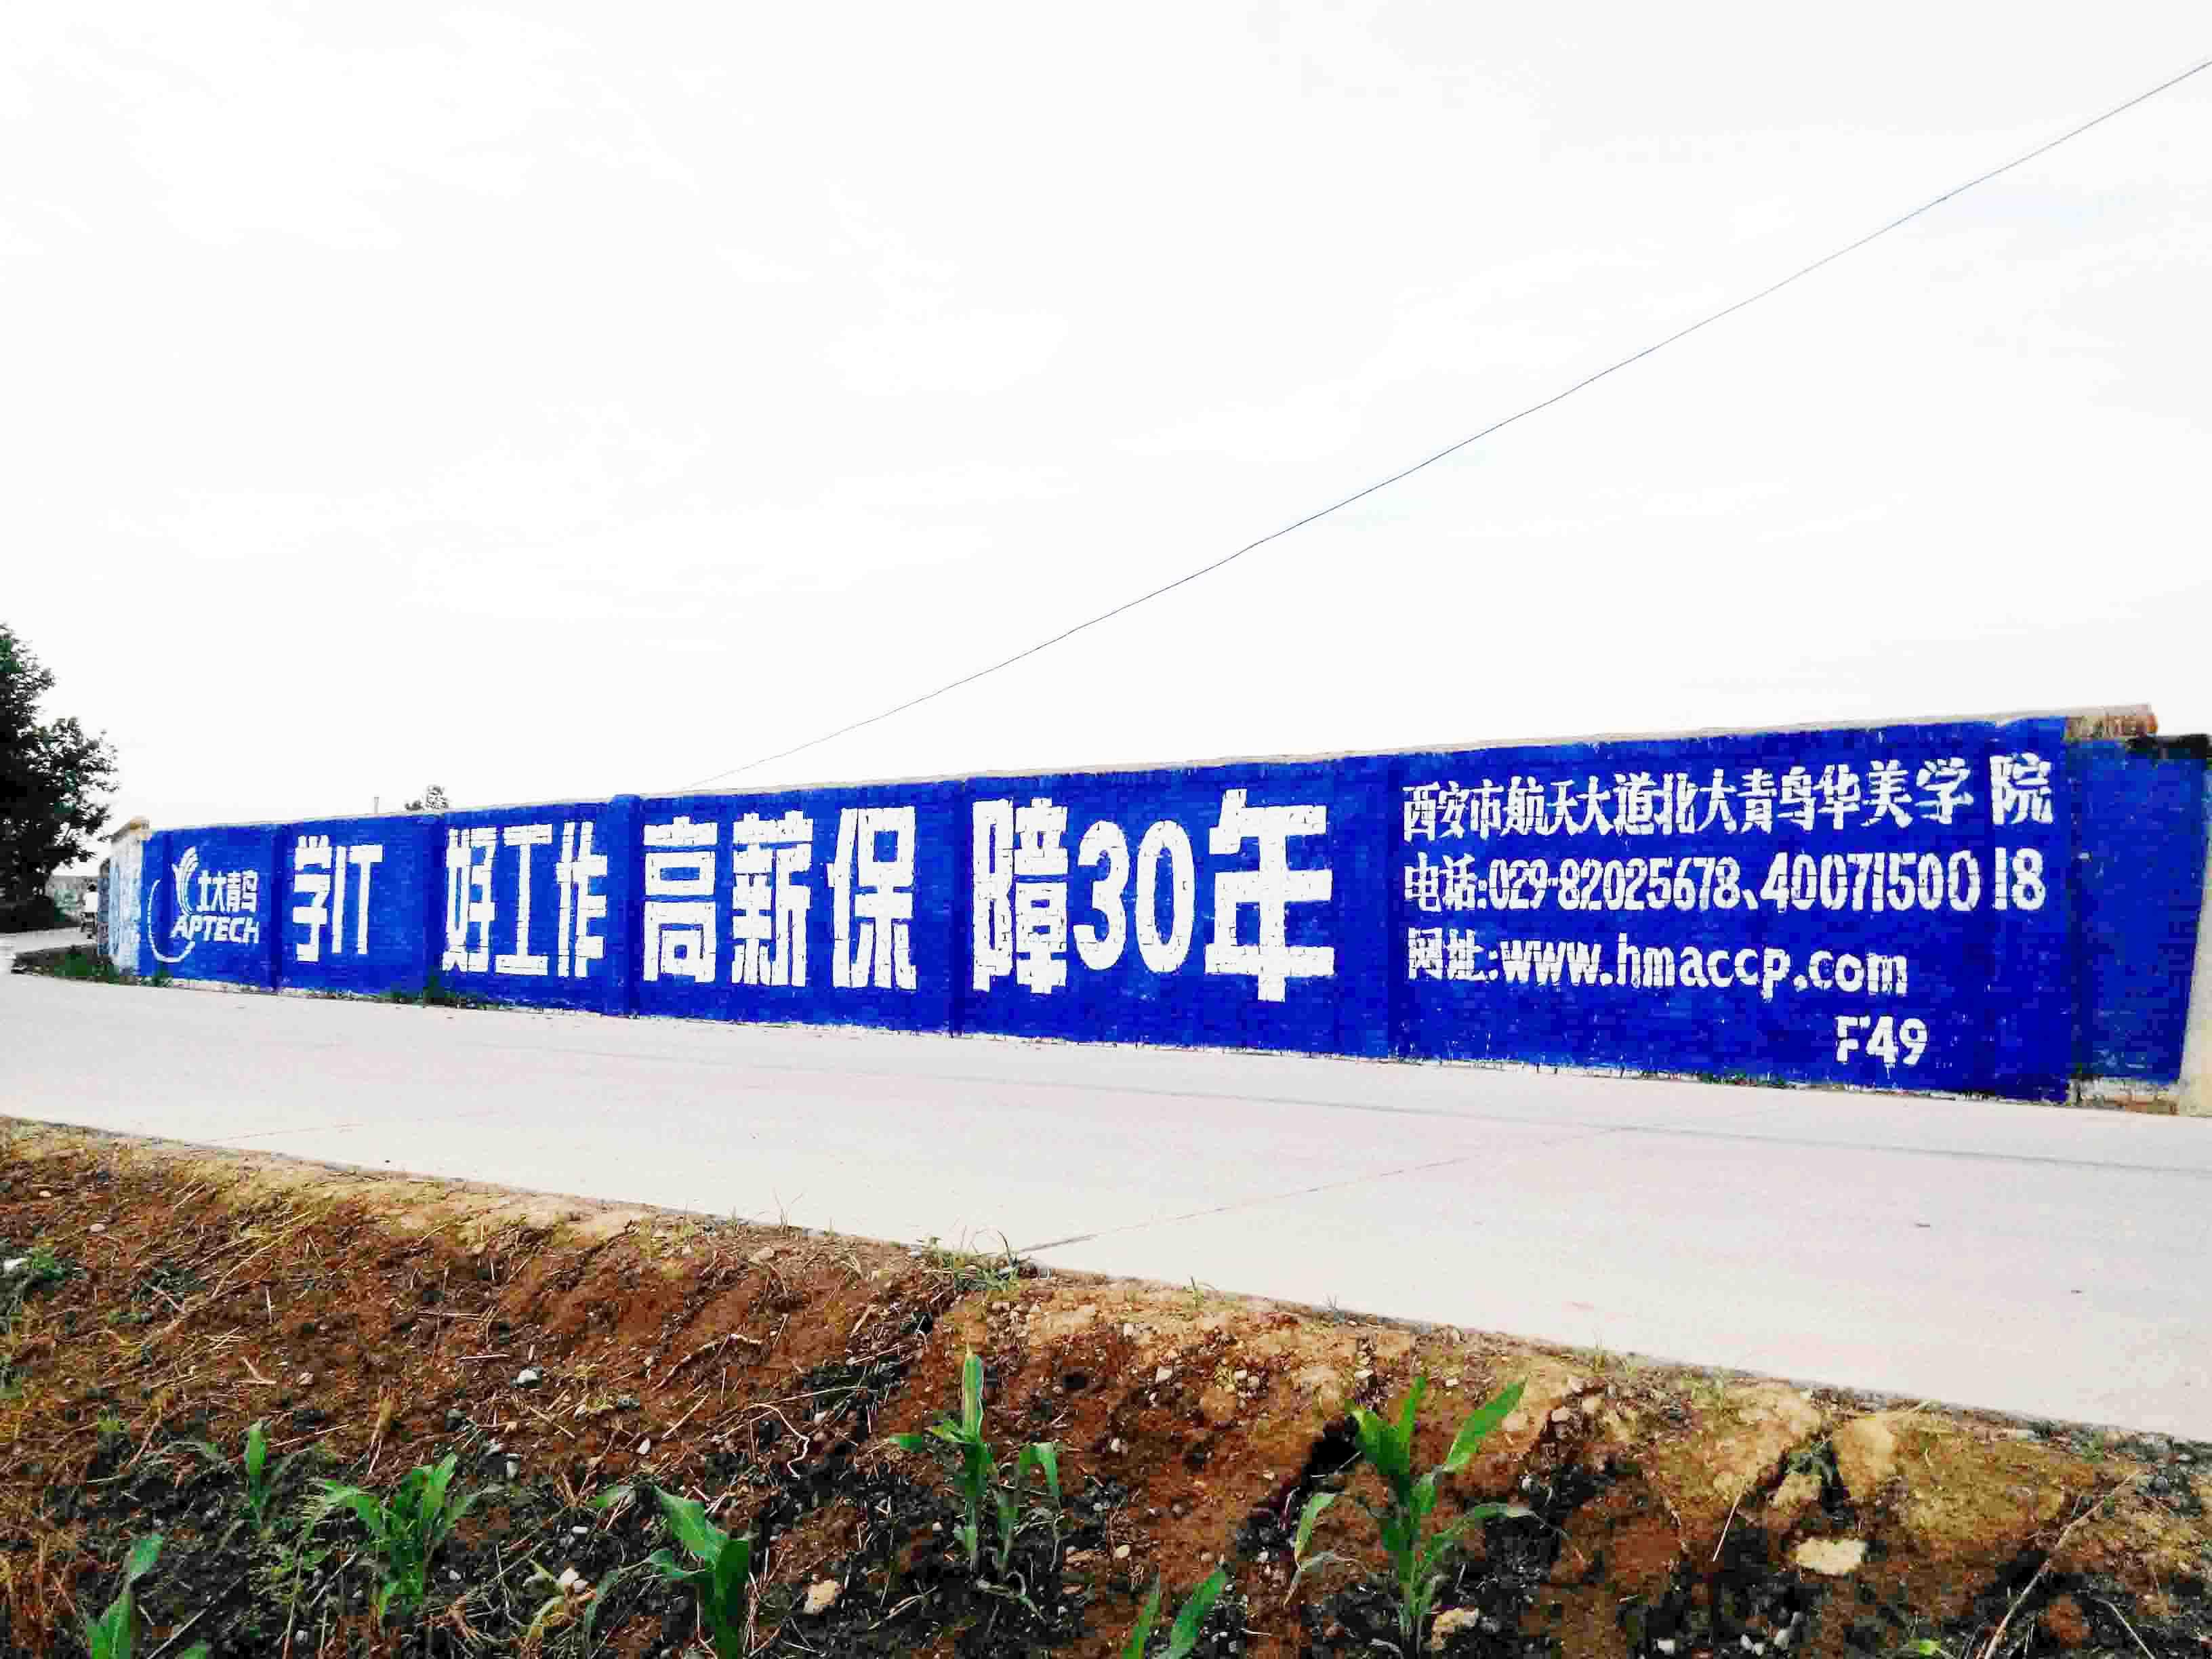 渭南墙体广告渭南墙体喷绘广告渭南户外墙体广告